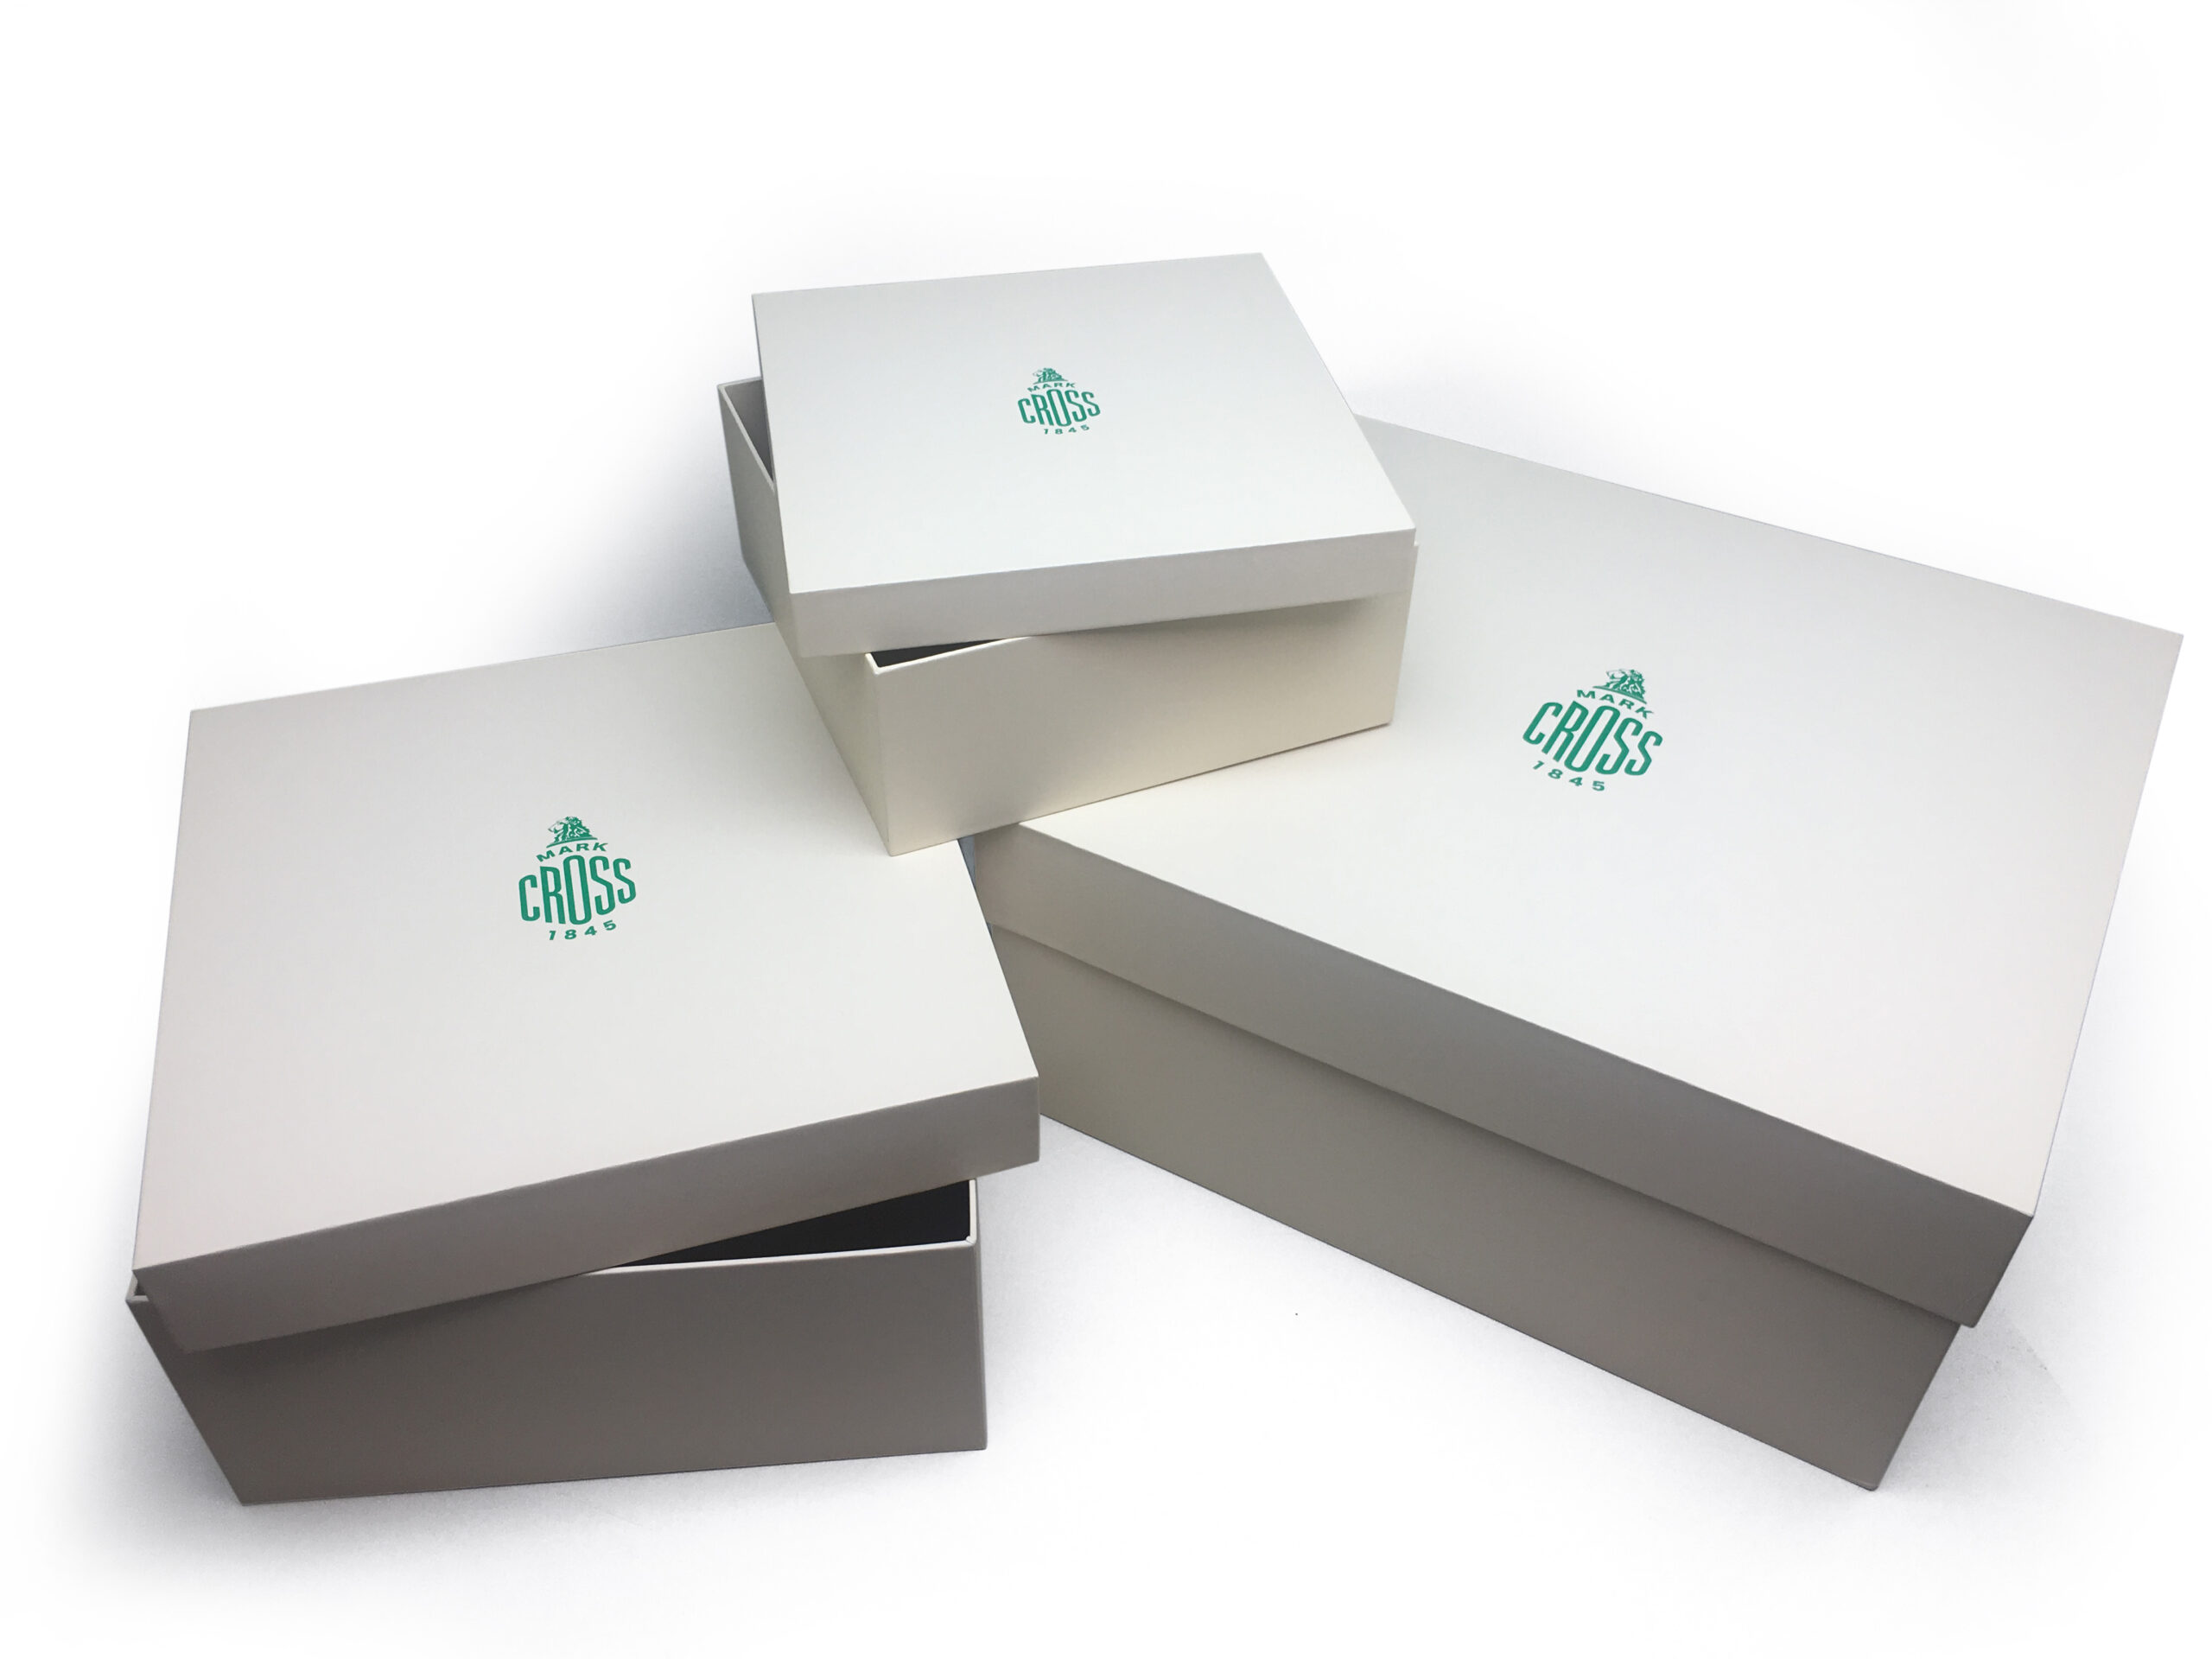 Custom packaging printing for Mark Cross